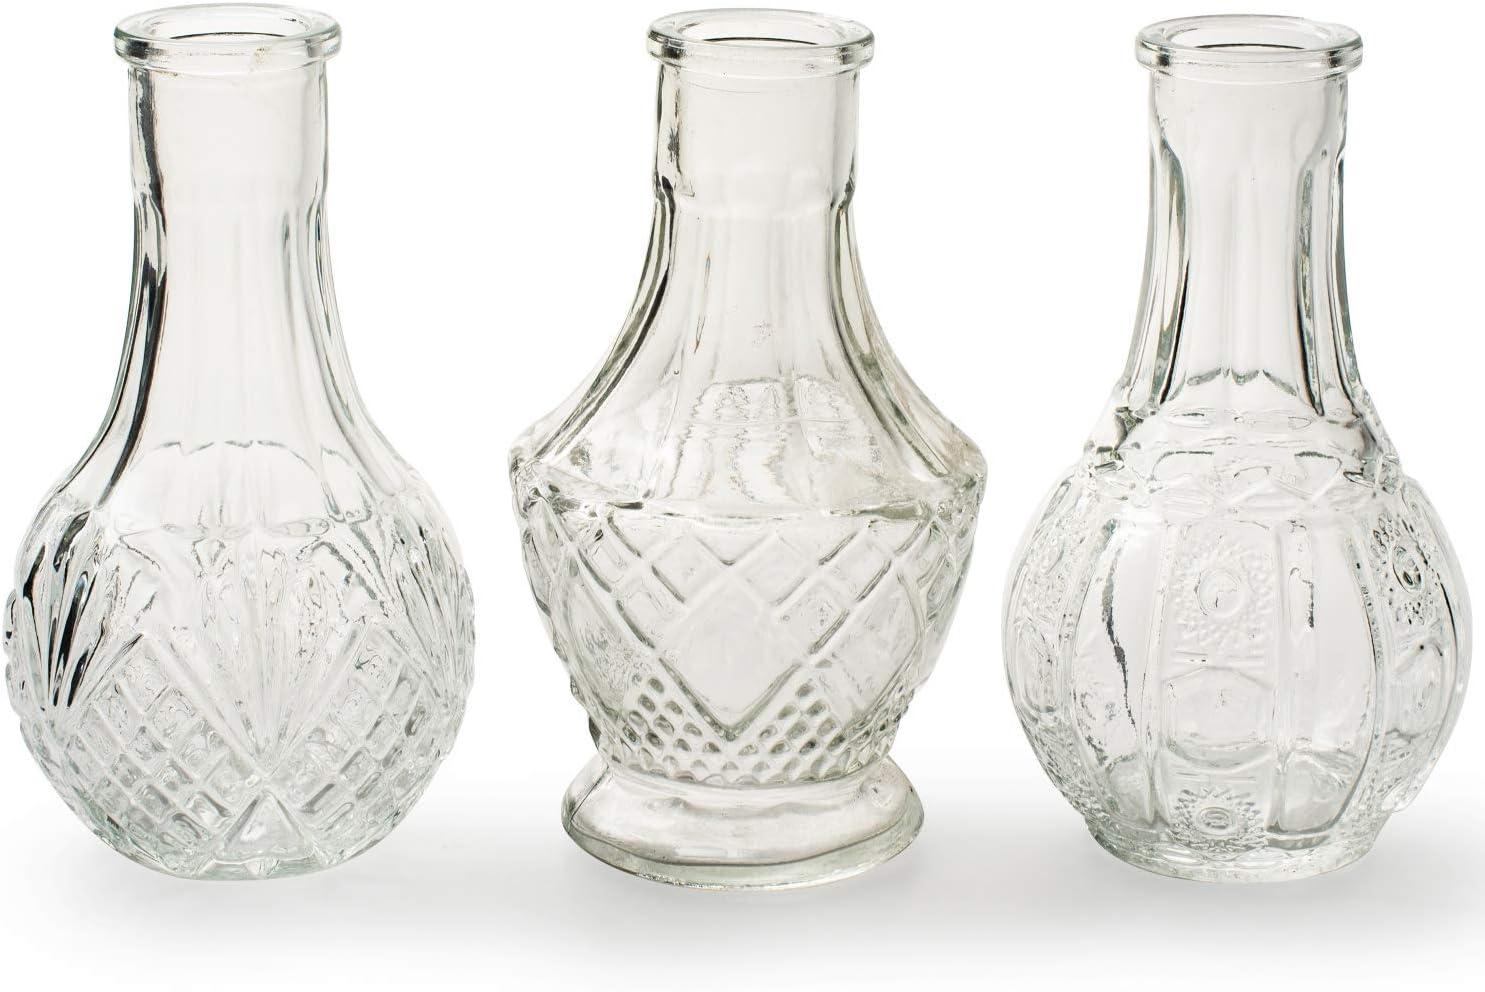 Blumenvase Vase Weiß 6er Set 10 cm